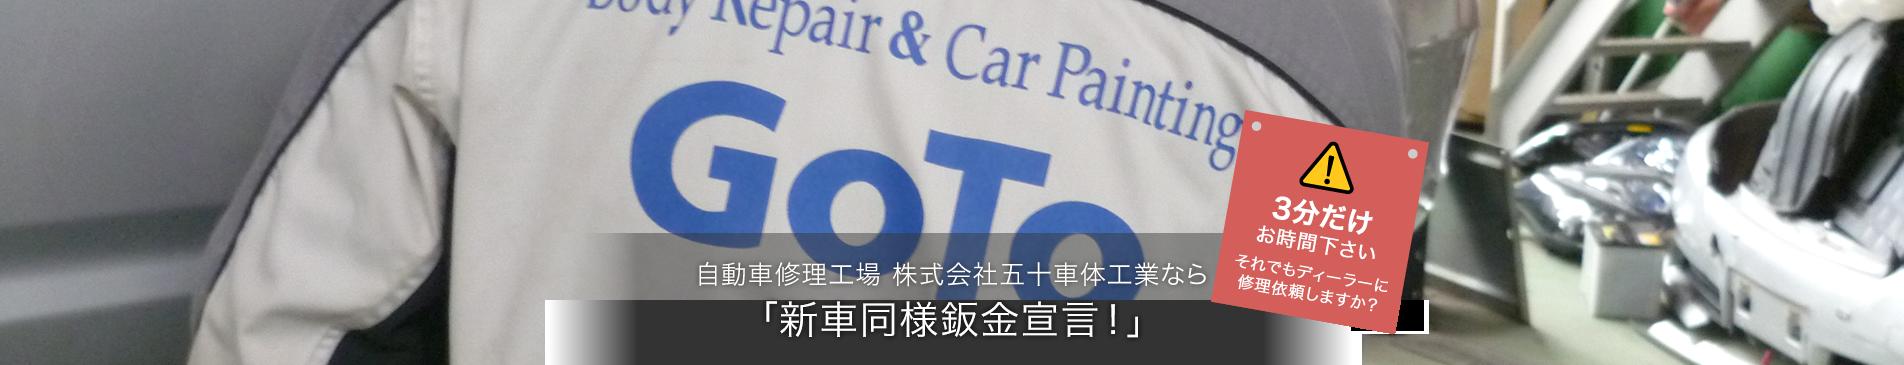 自動車工場五十車体工業なら、新車同様板金宣言!